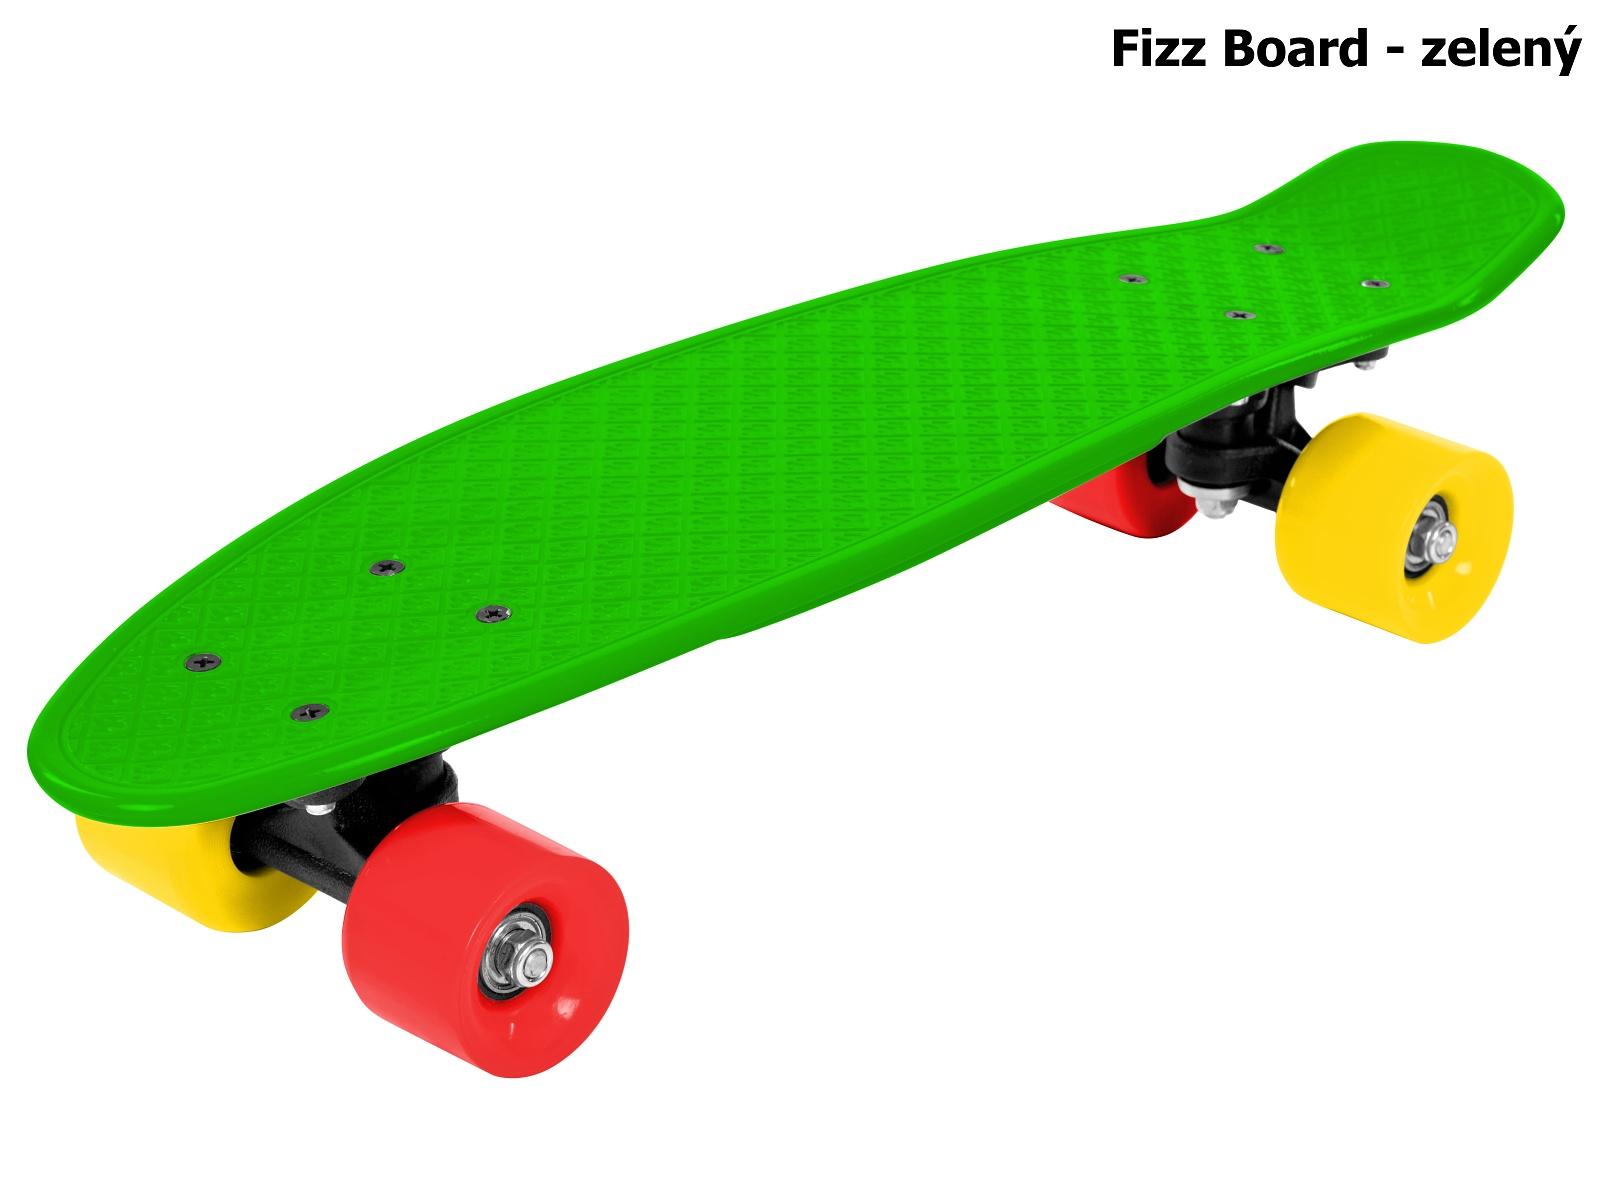 Fizz Board